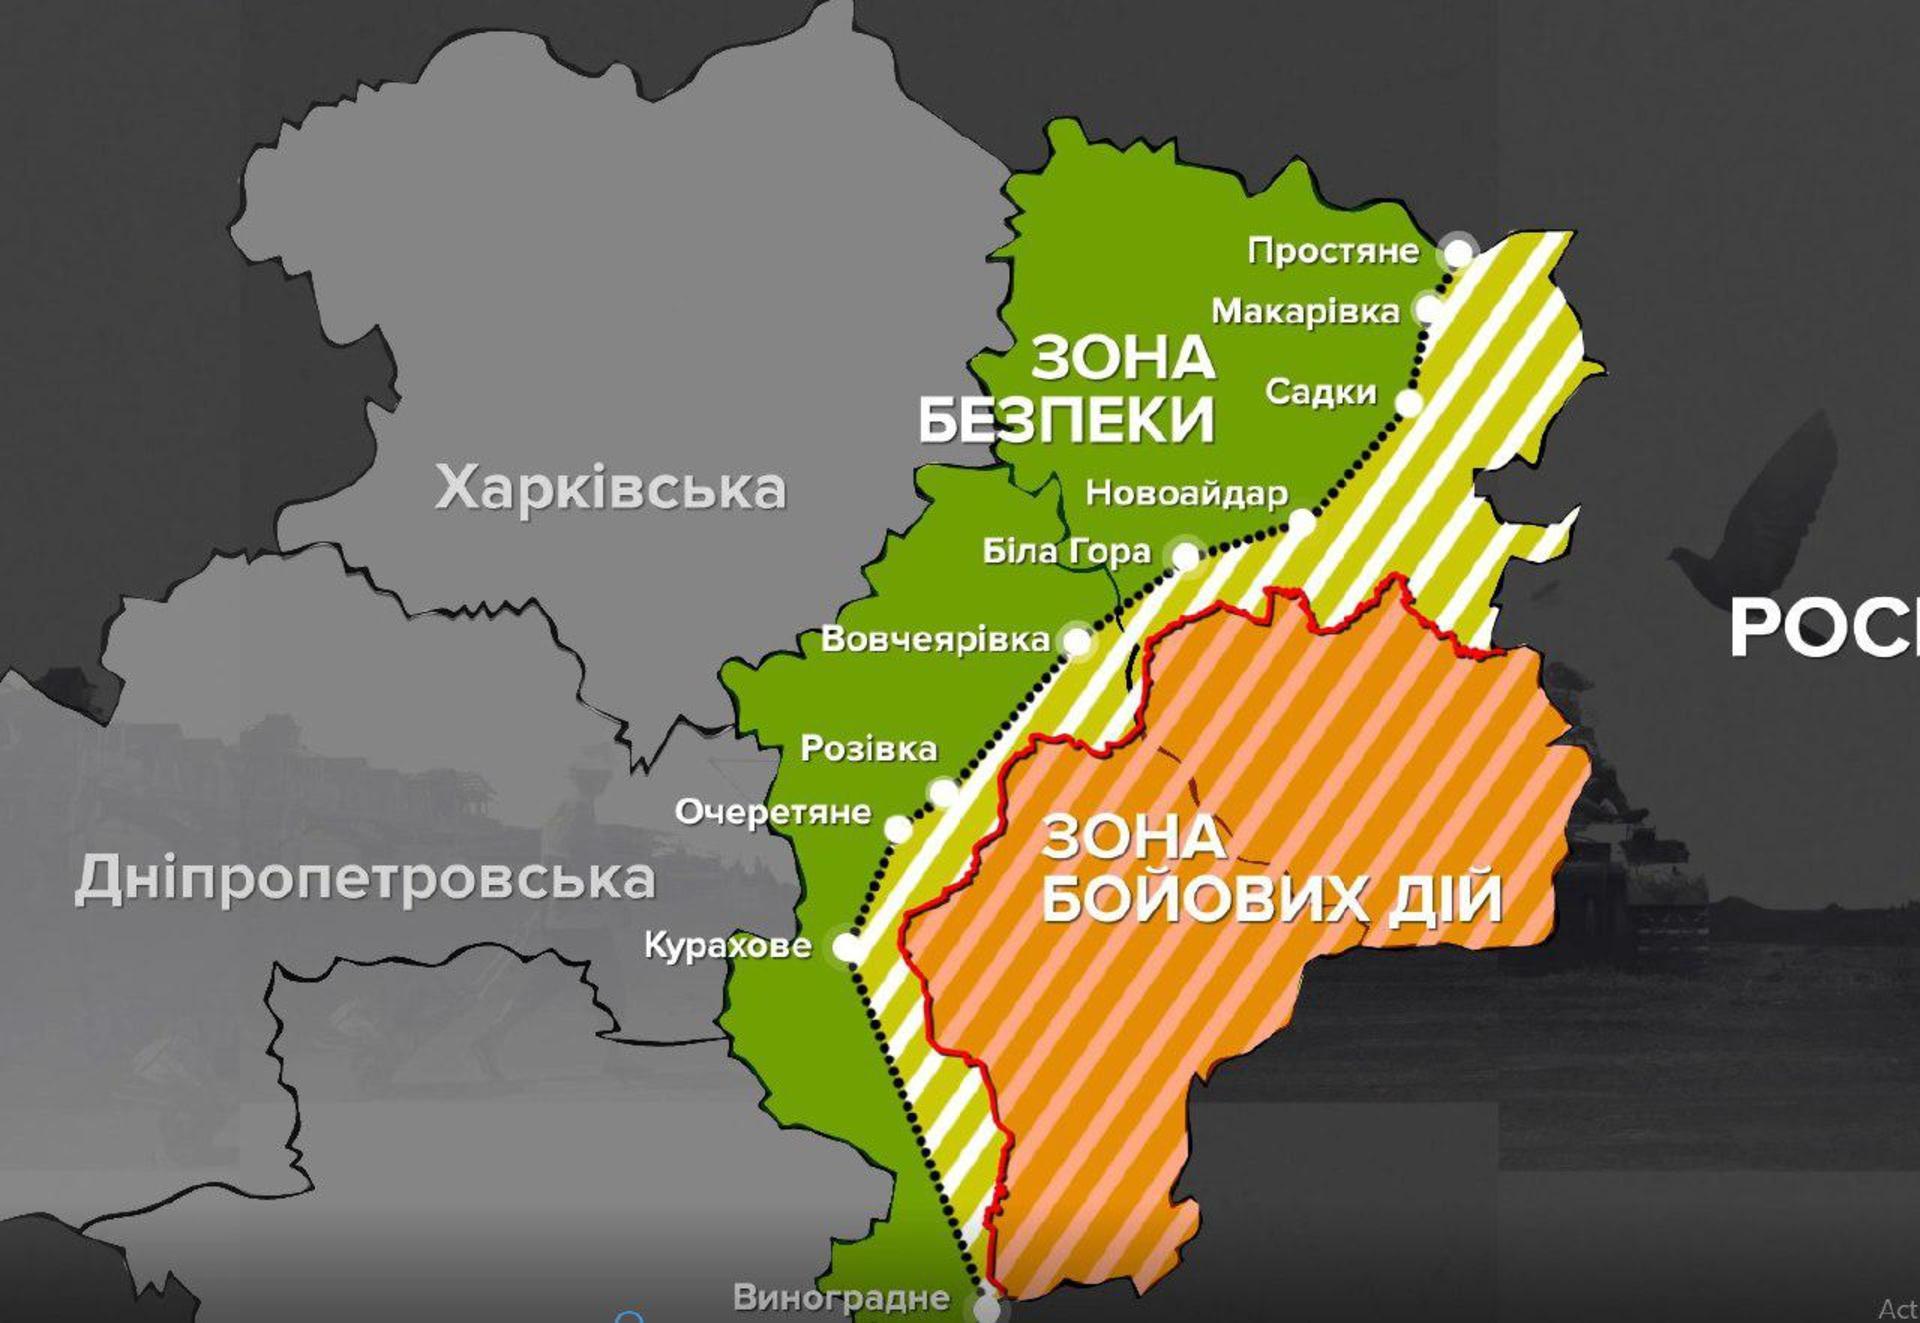 Карта операції Об'єднаних сил станом на 30 квітня 2018 року